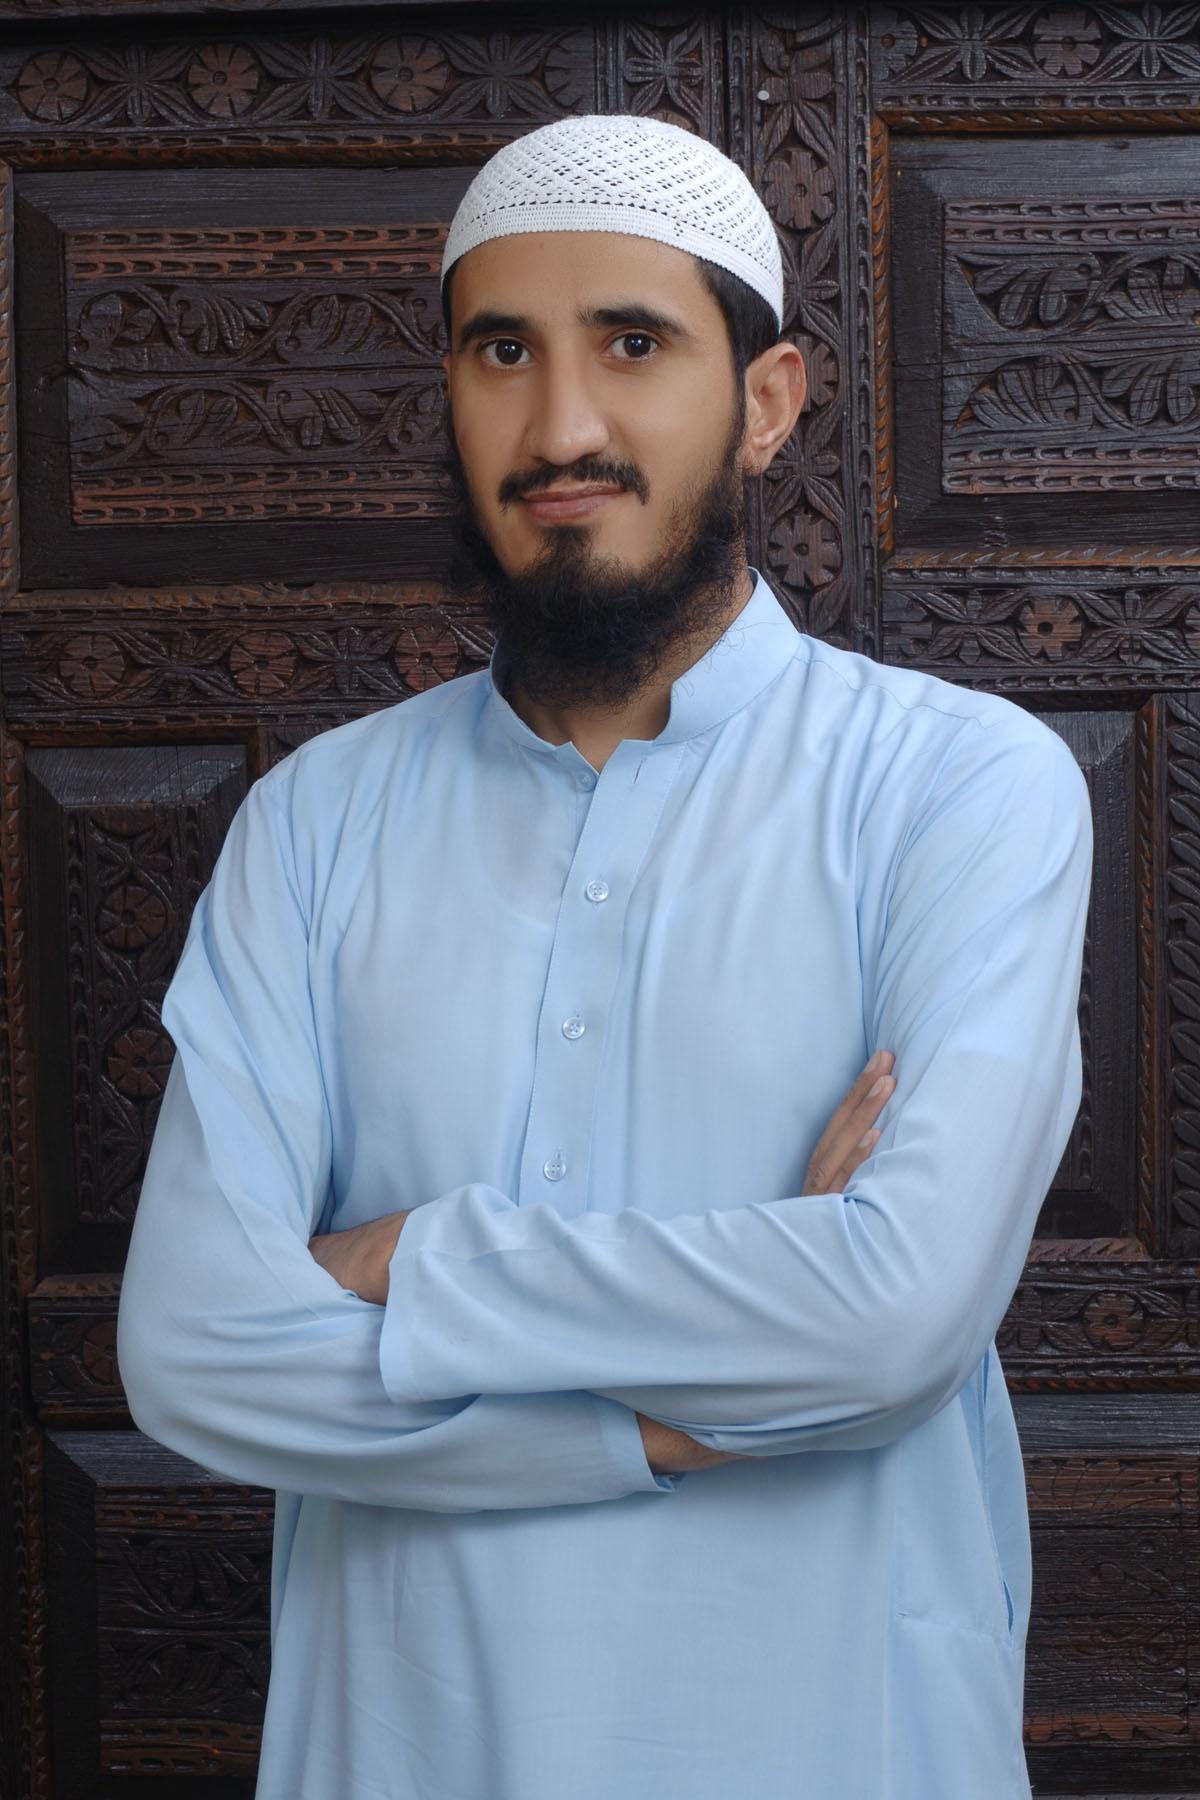 Sanaullah kiyani avatar